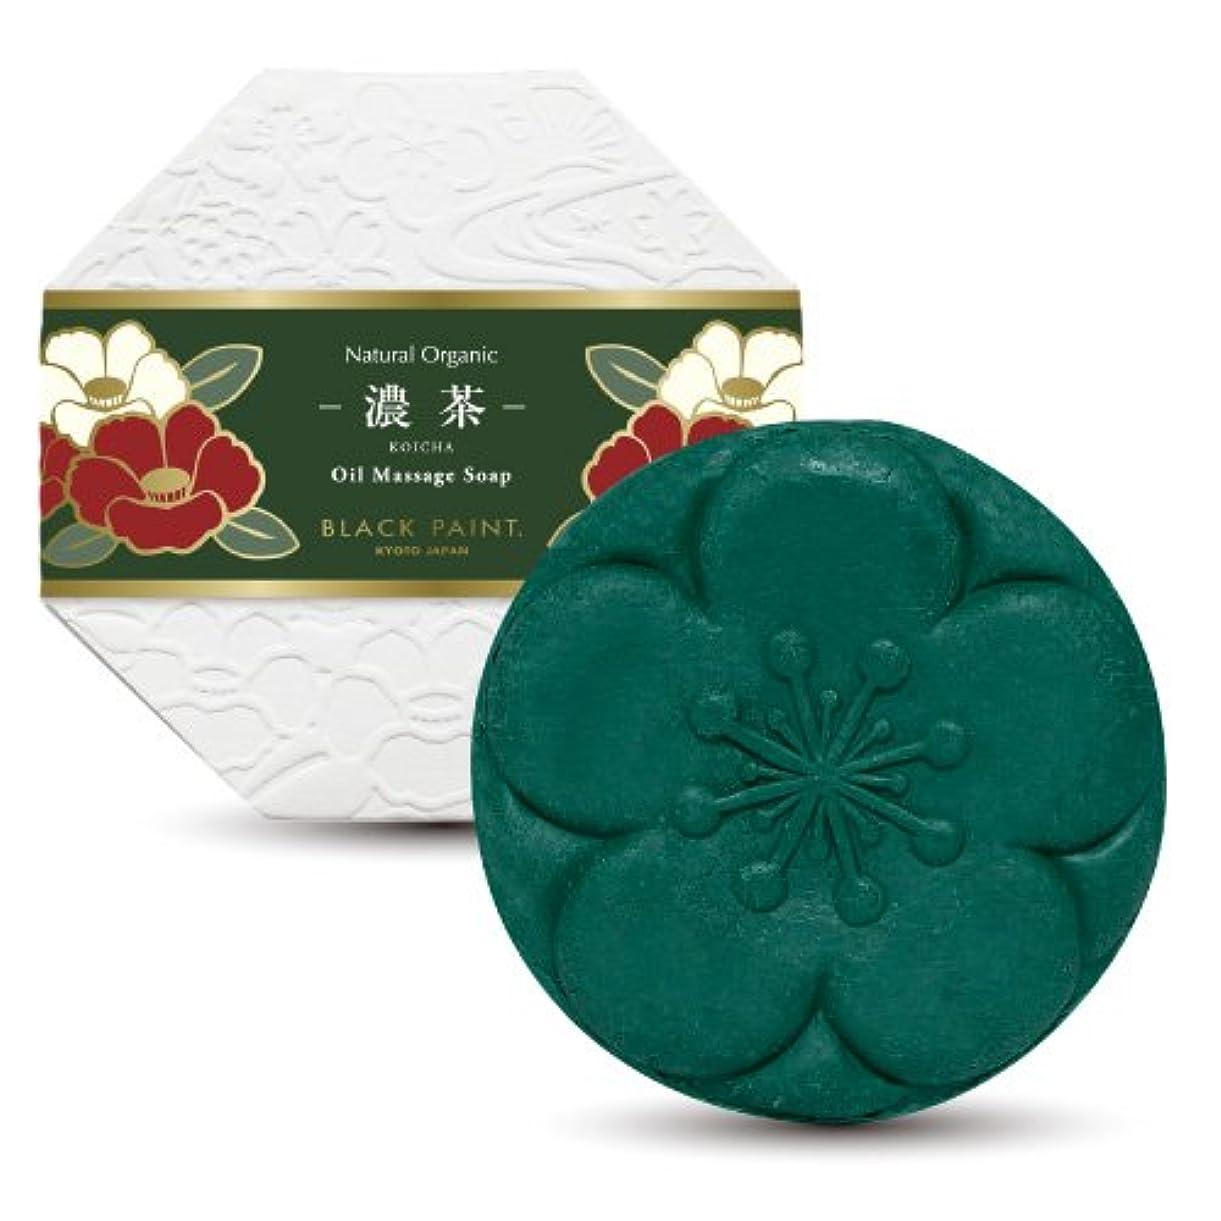 権限しないでください平衡京のお茶石鹸 濃茶 120g 塗る石鹸